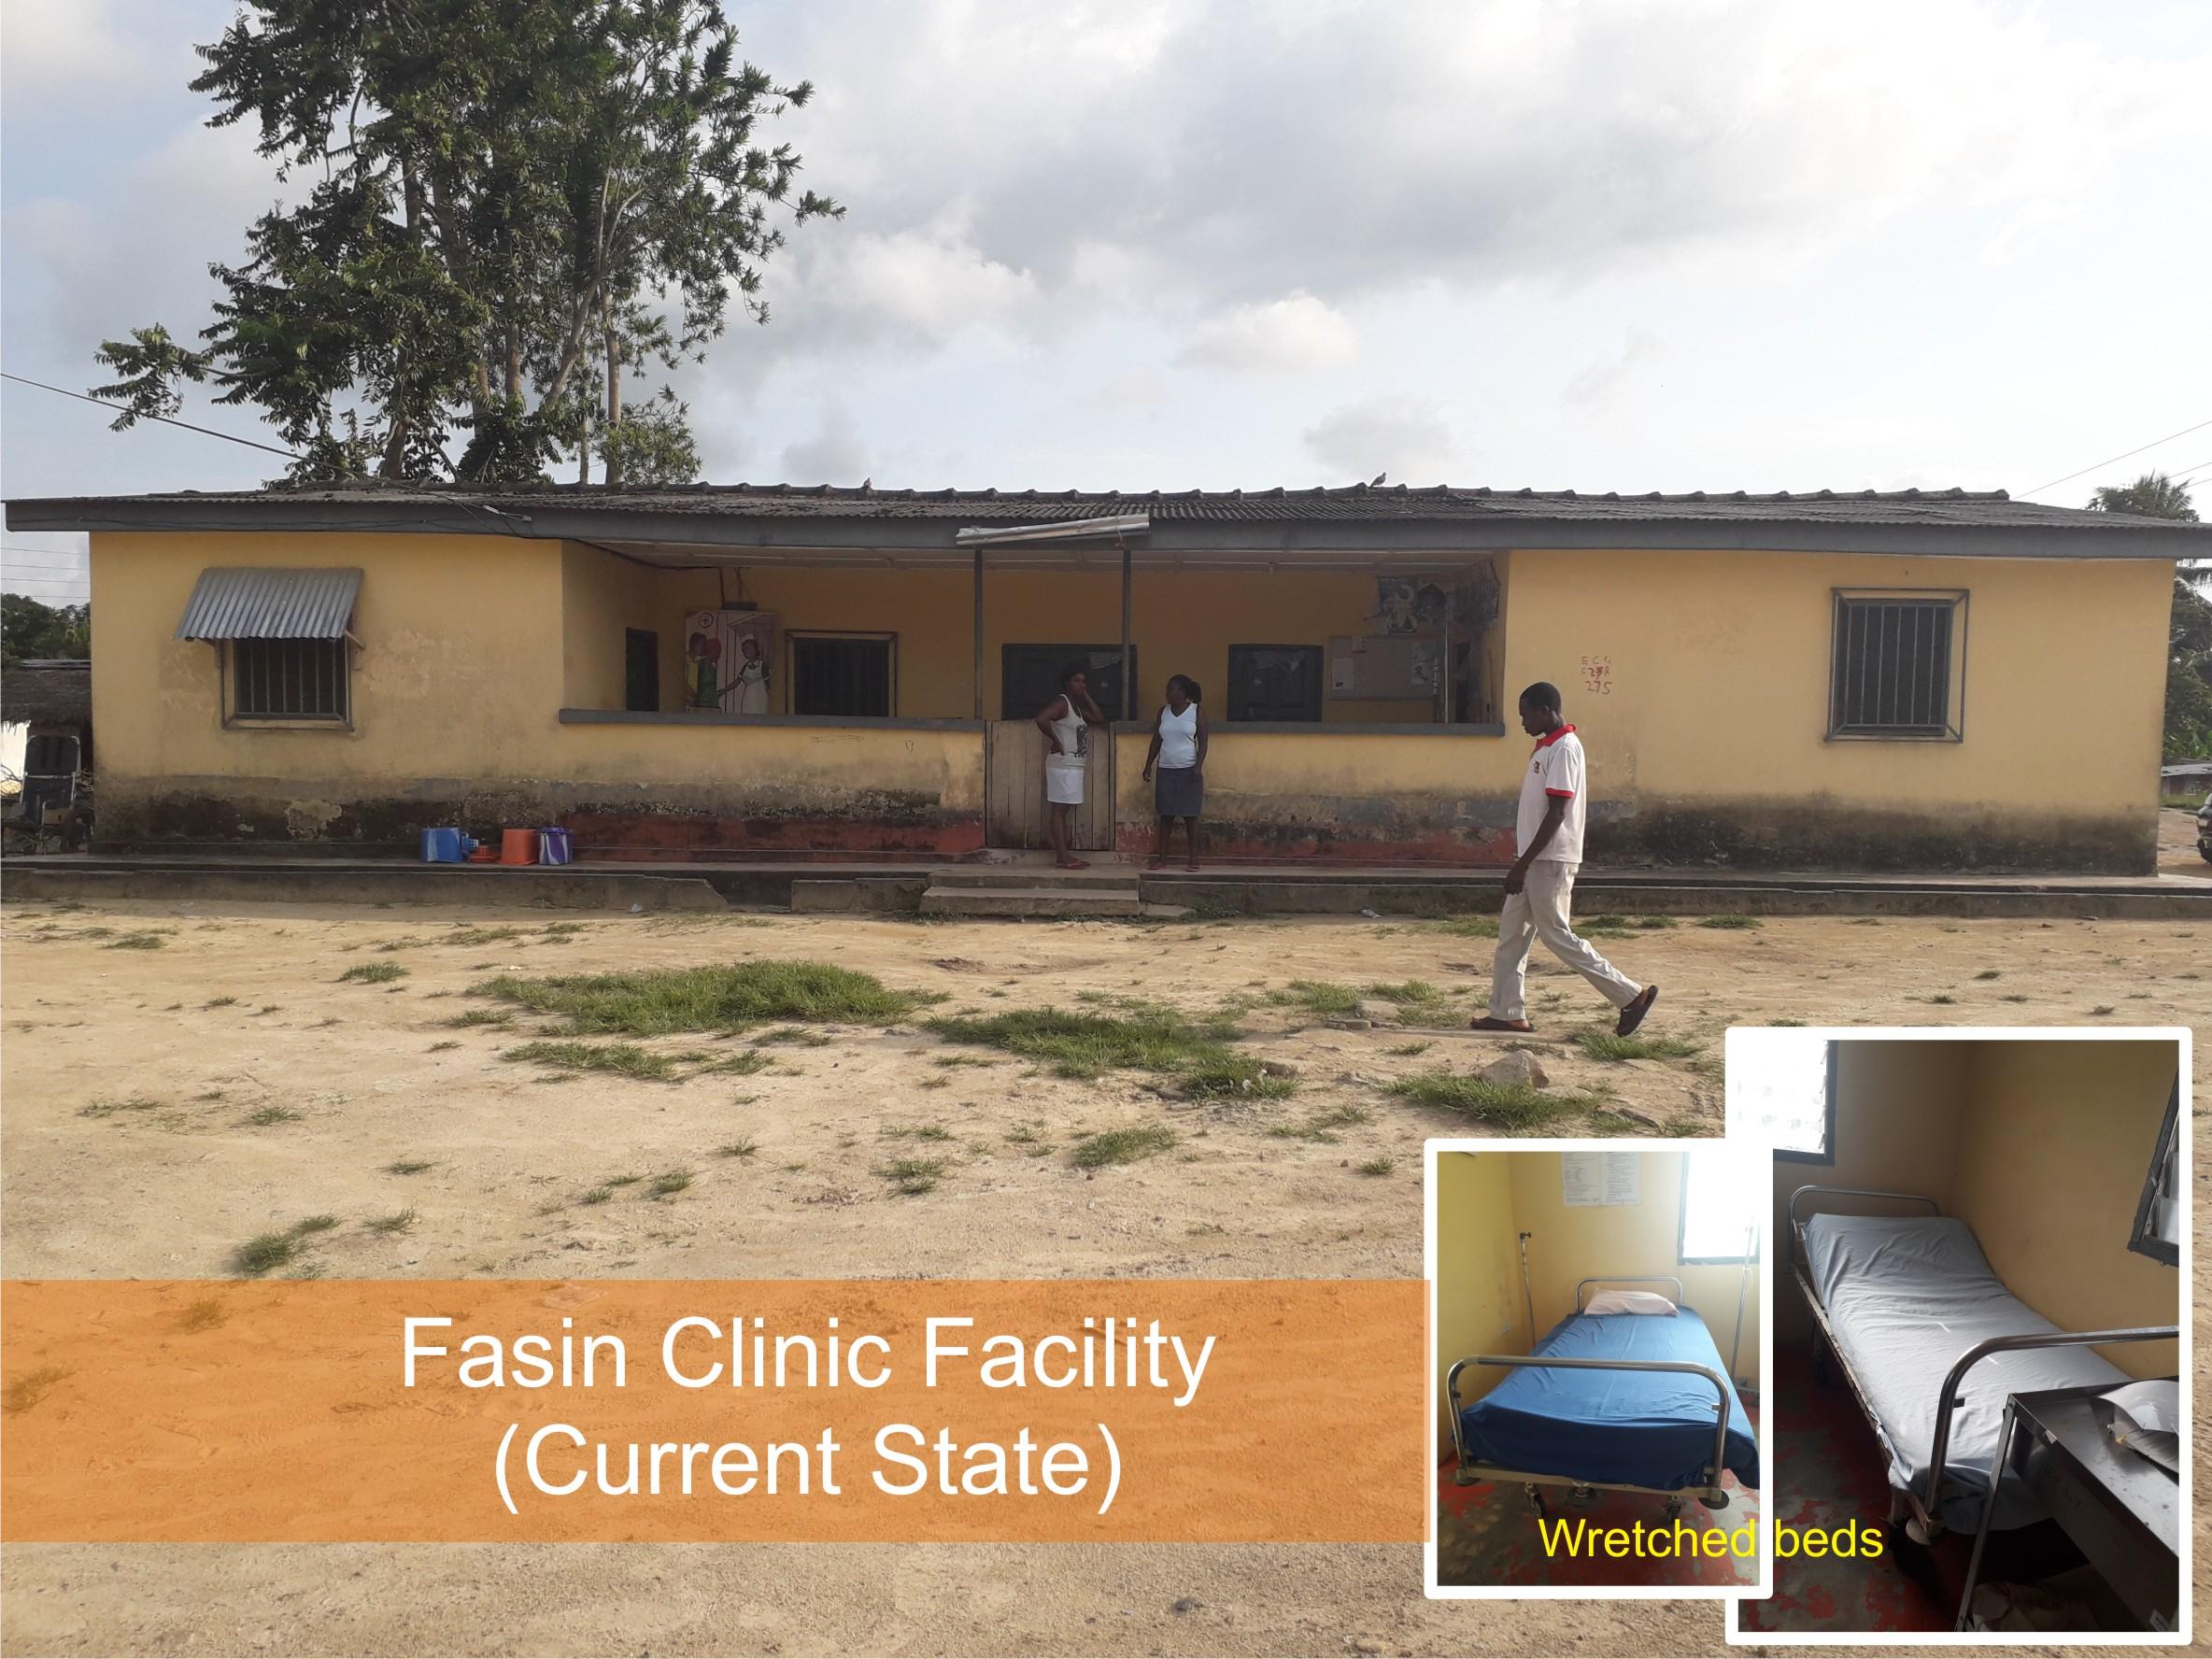 Fasin Clinic